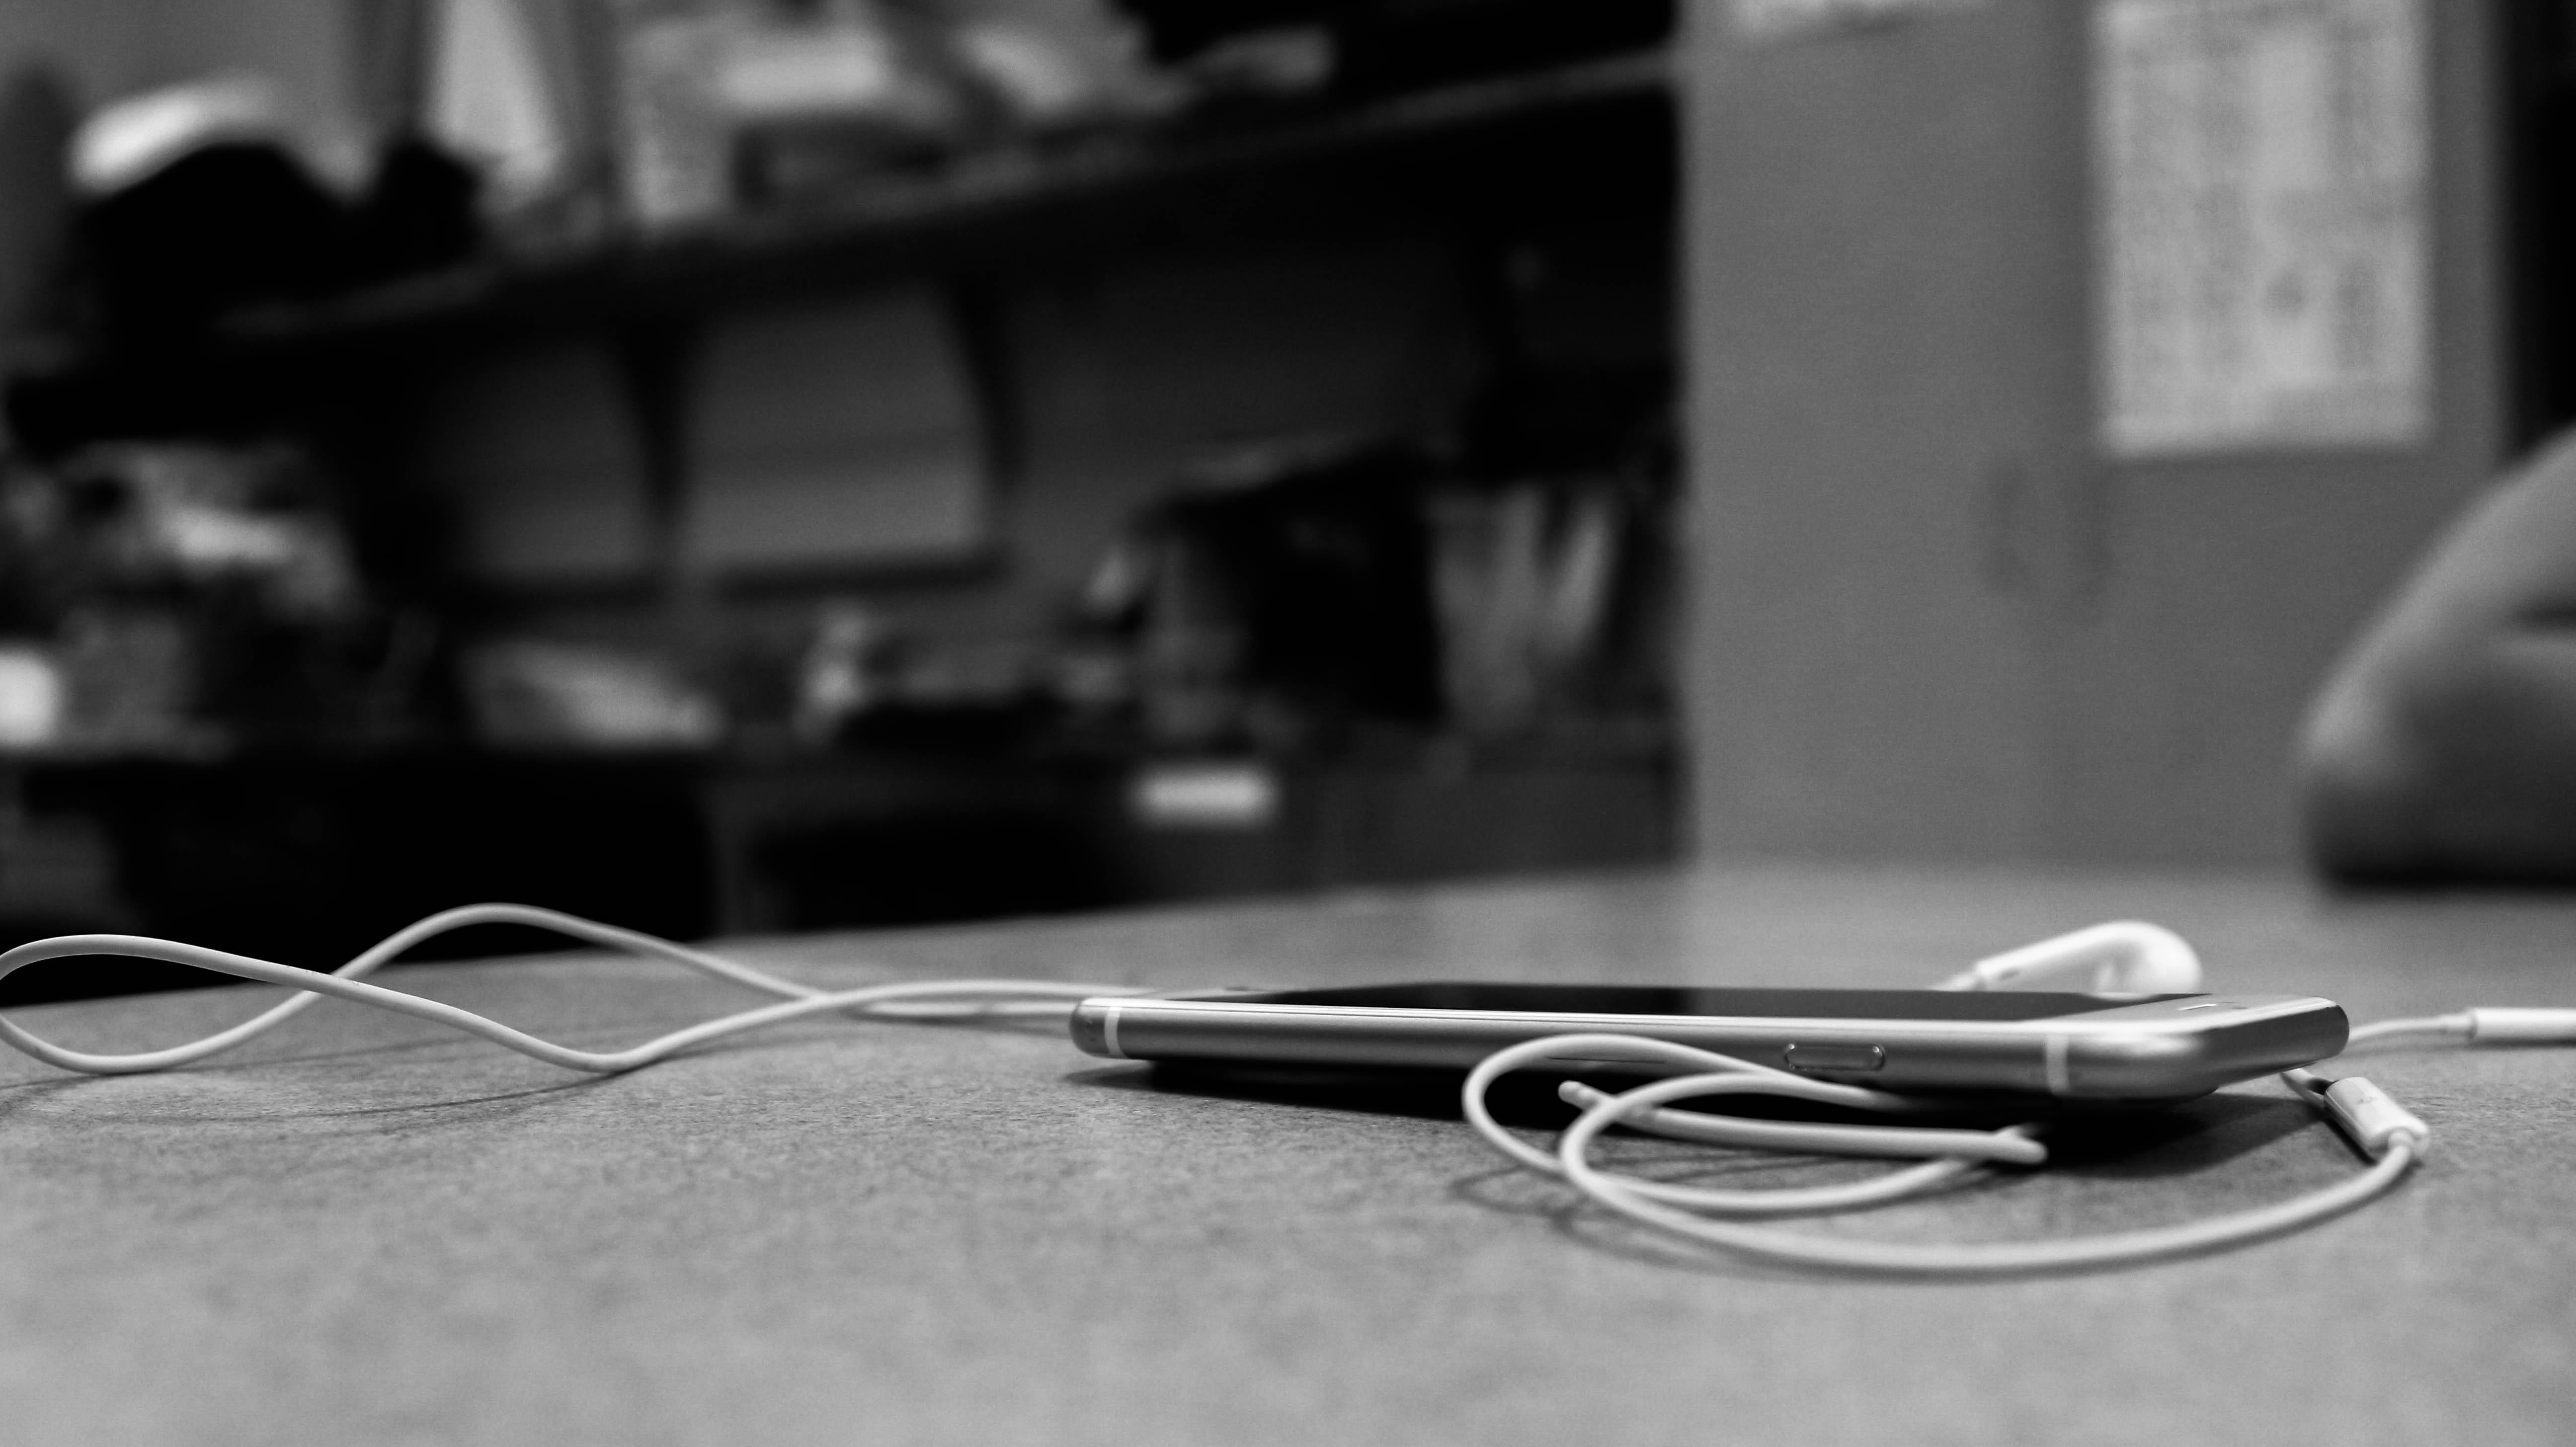 Скачать музыку бесплатно на компьютер винтаж